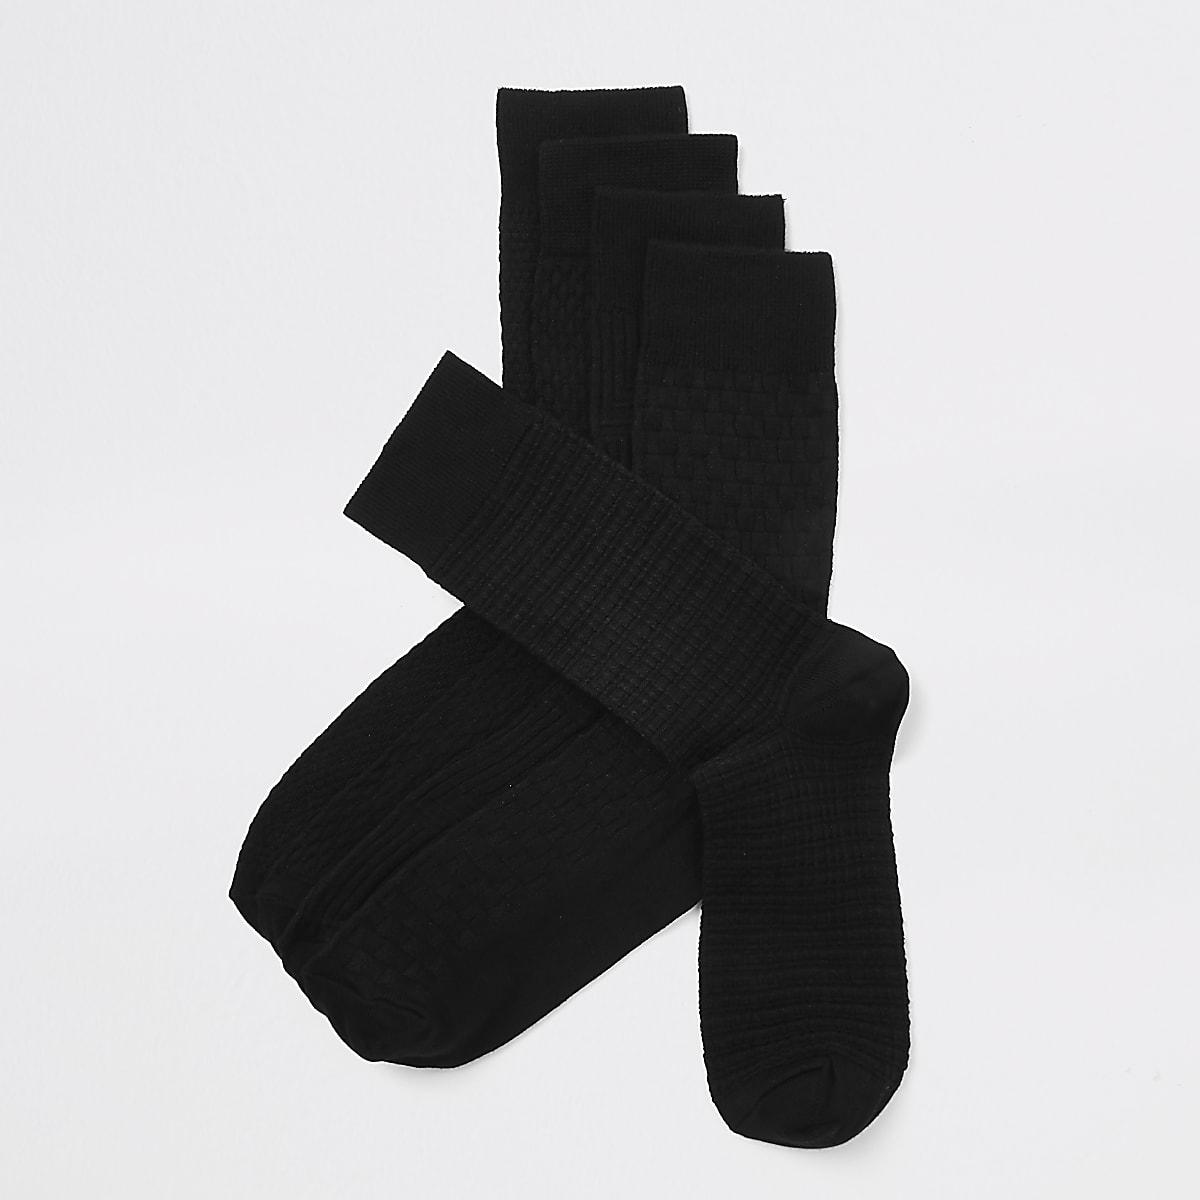 Lot de5 paires de chaussettes motif bambou noire